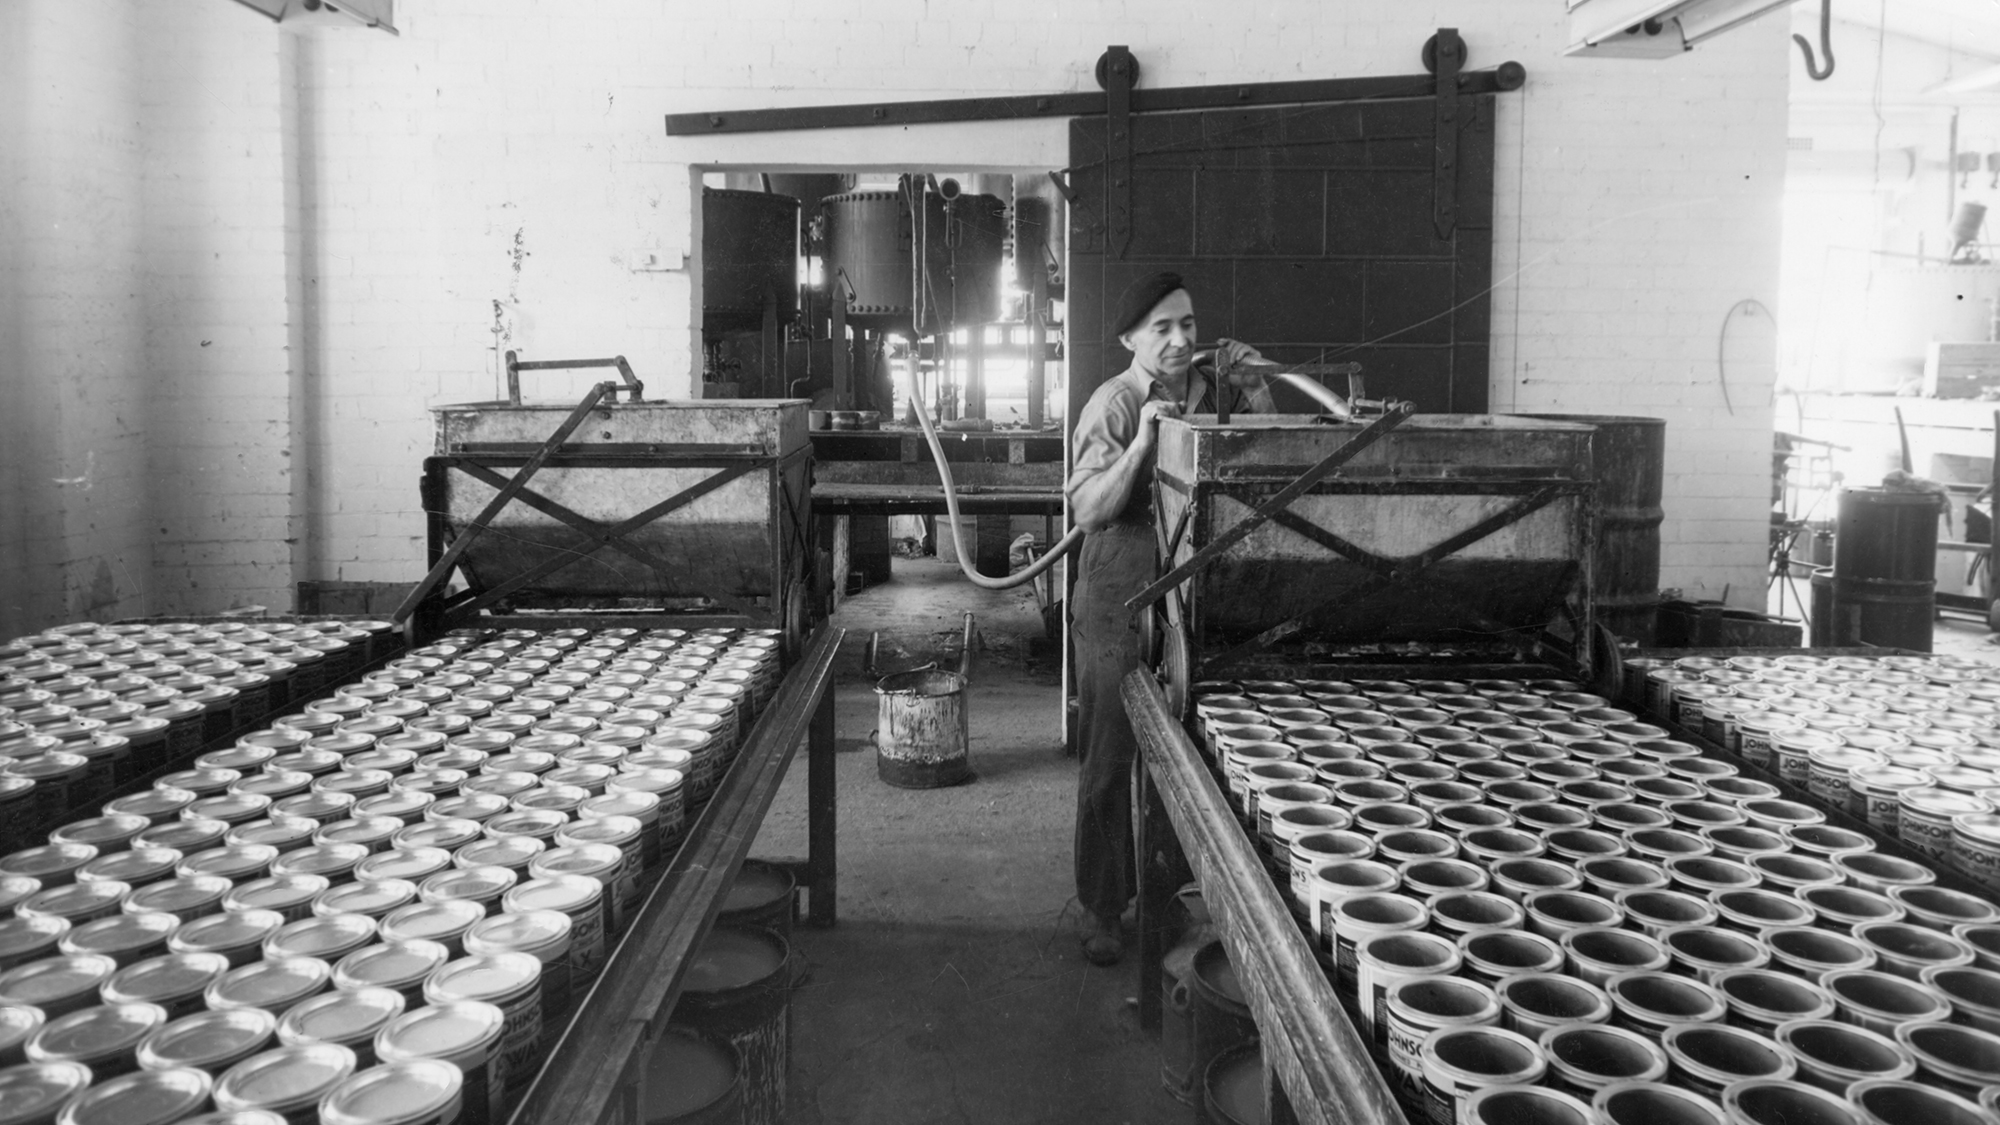 Herbert F. Johnson, padre, transformó a SC Johnson de un fabricante de cera en pasta a un líder multinacional en el cuidado del hogar